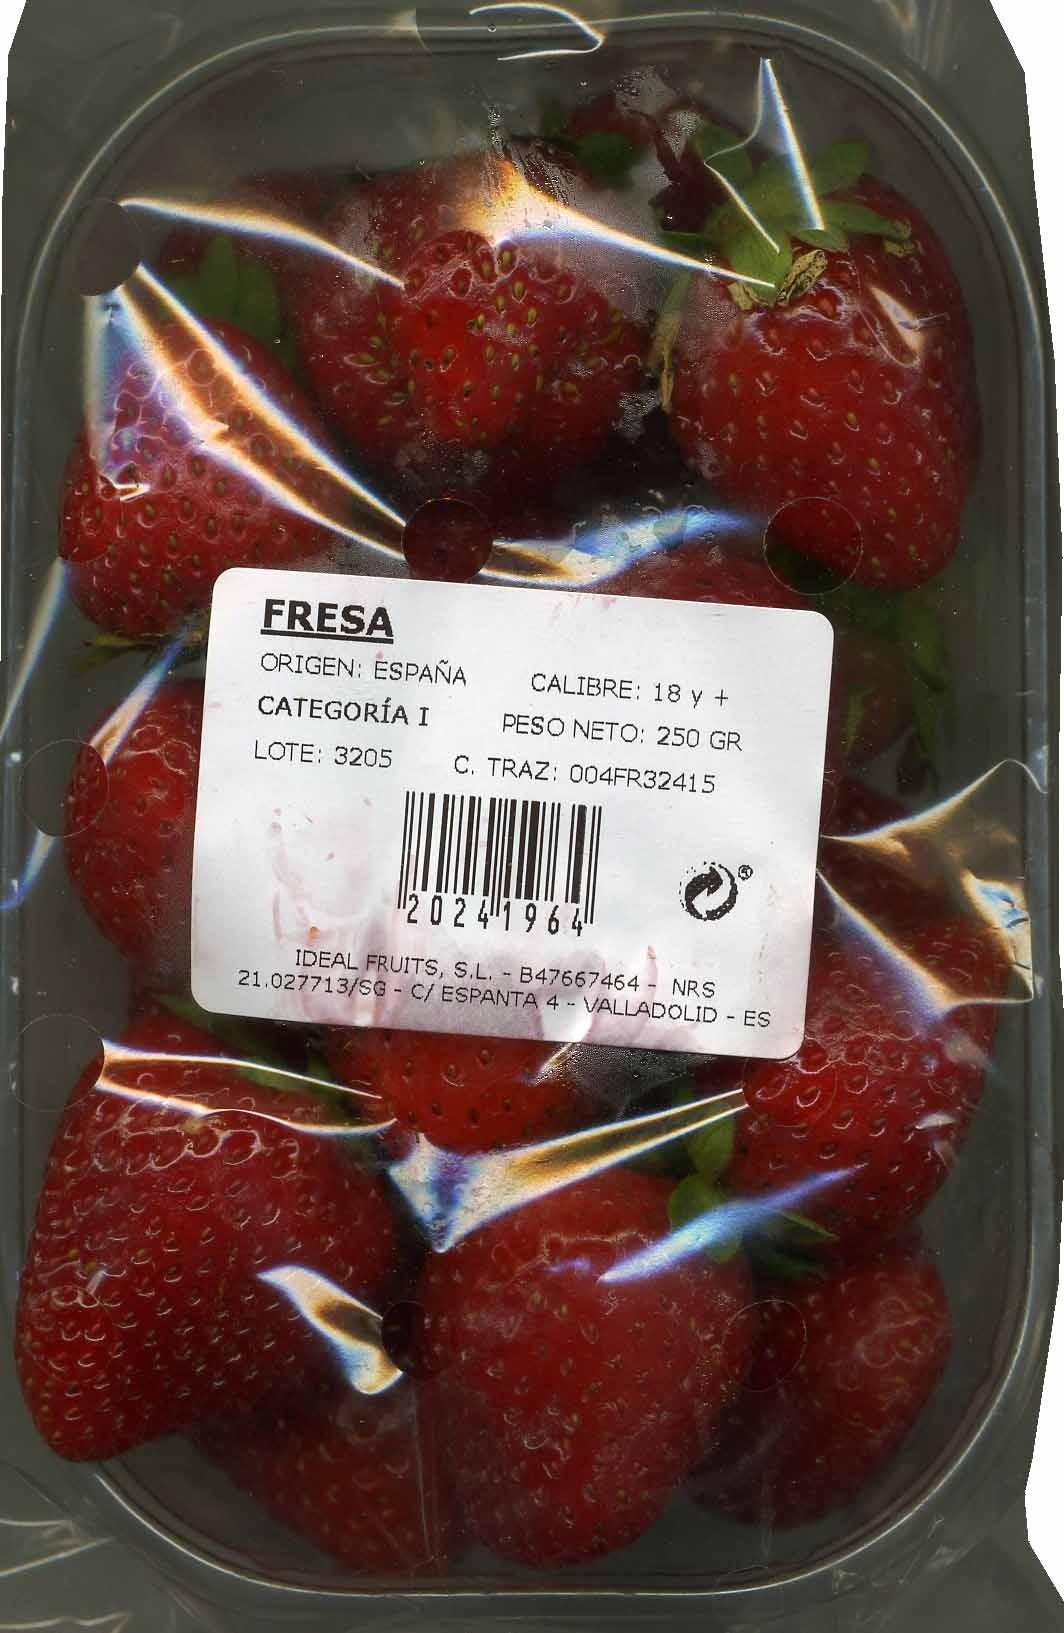 Fresas - Producto